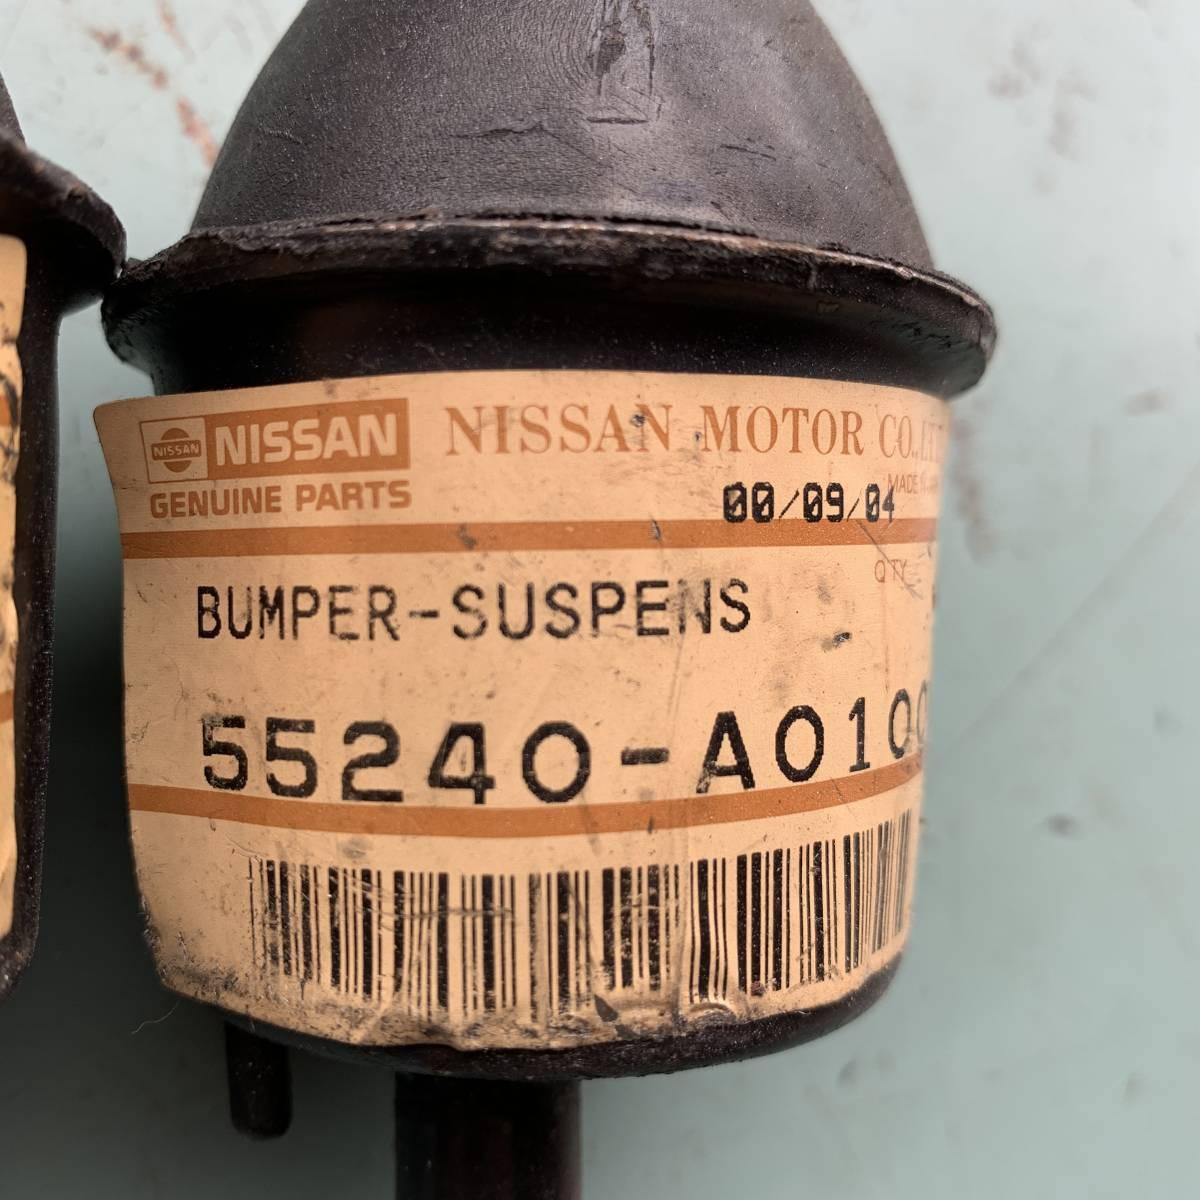 1/1スケール日産パーツ旧車バンパー サスペンション送料無料ハコスカGT-R50周年記念出品NISSAN新品4個セットまとめて純正BUMPER SUSPENS_画像2